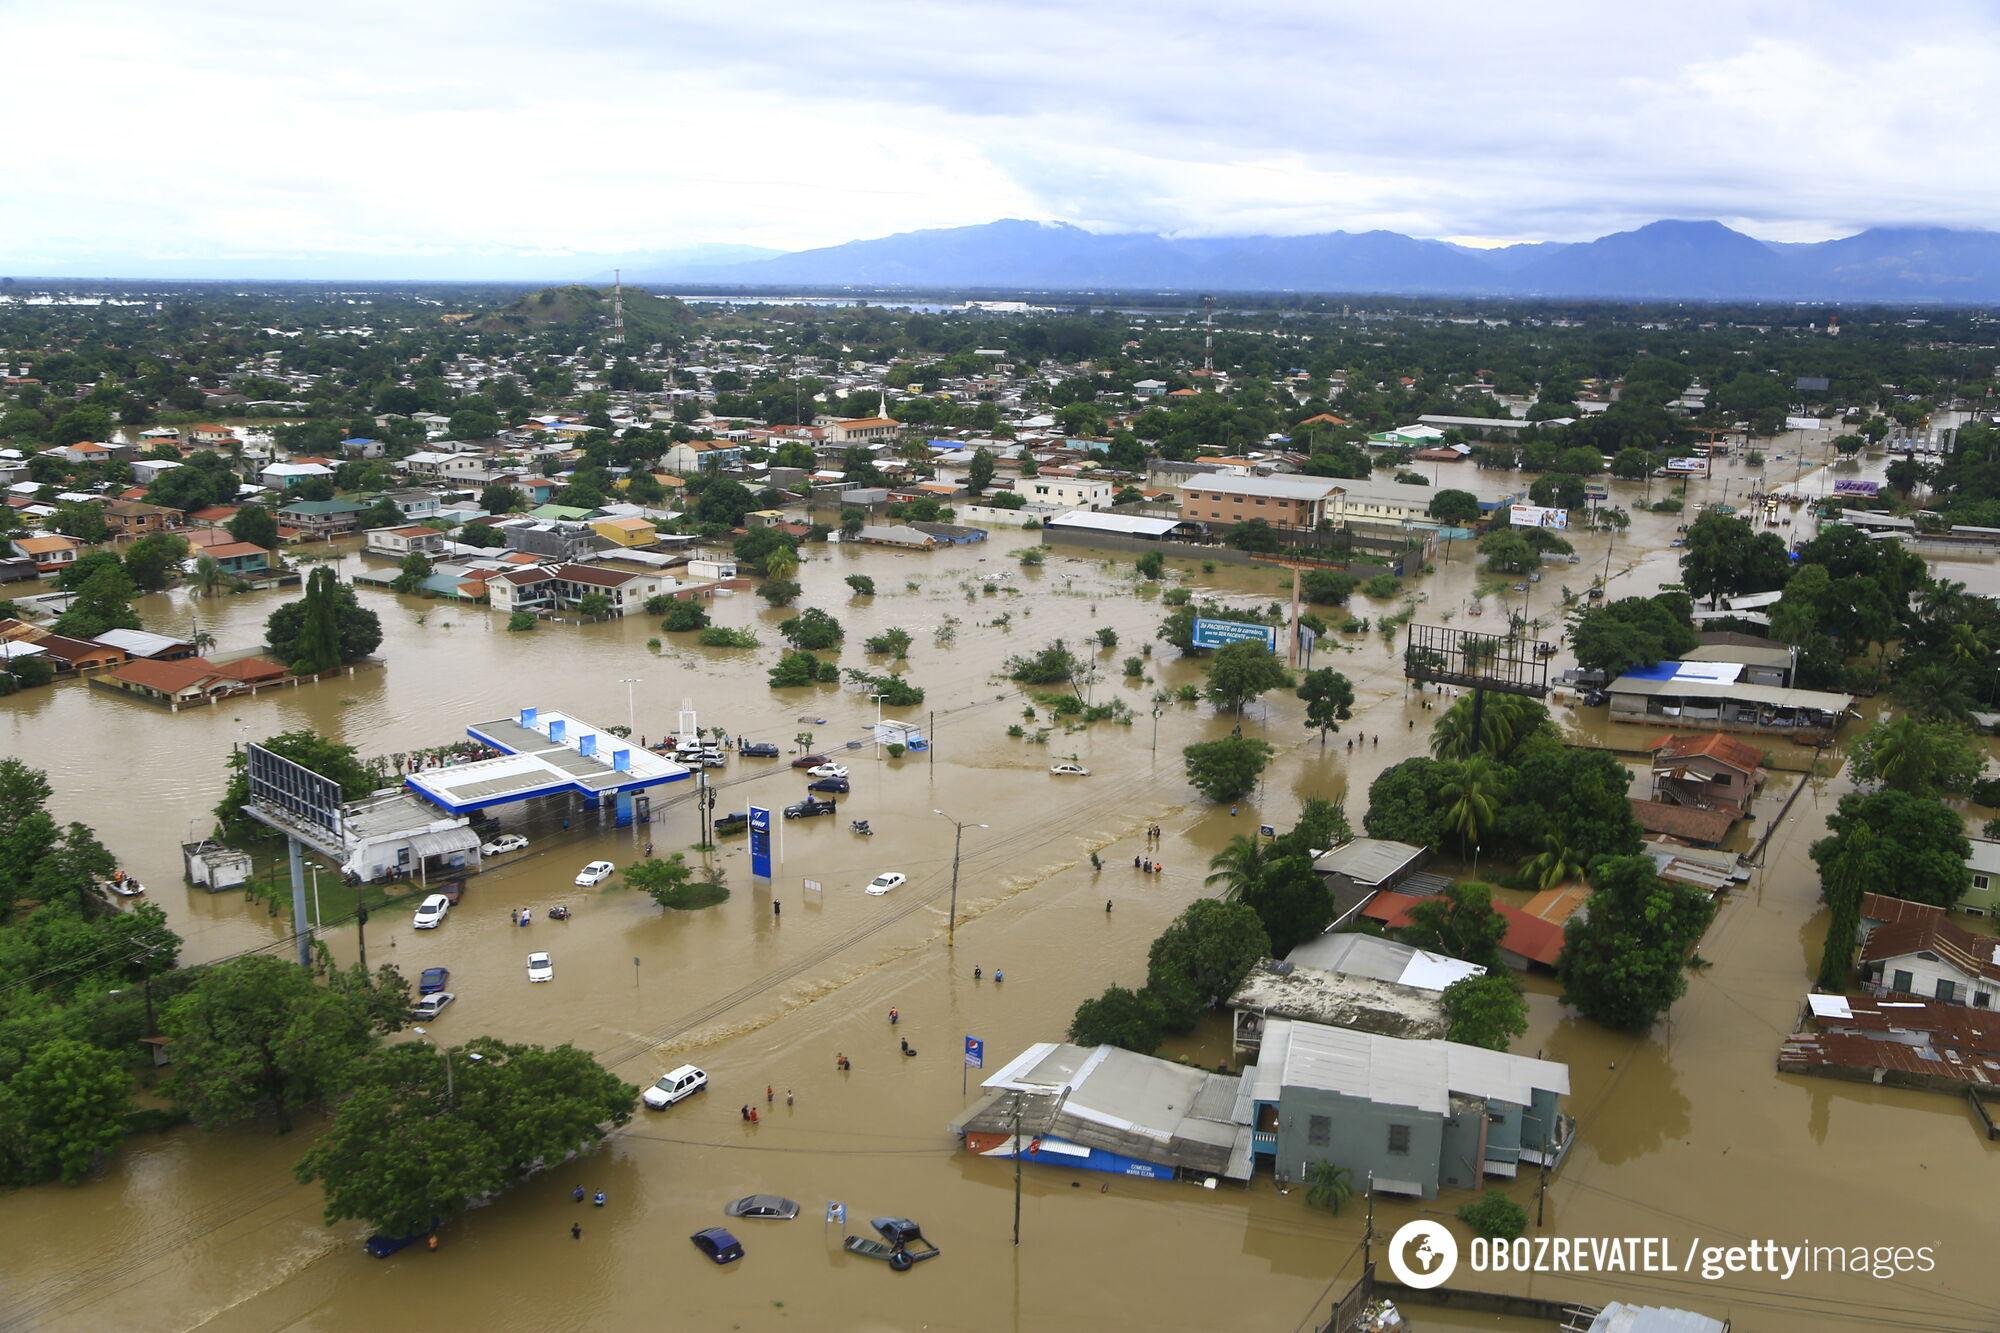 Через стихію в Центральній Америці загинуло понад 70 осіб.